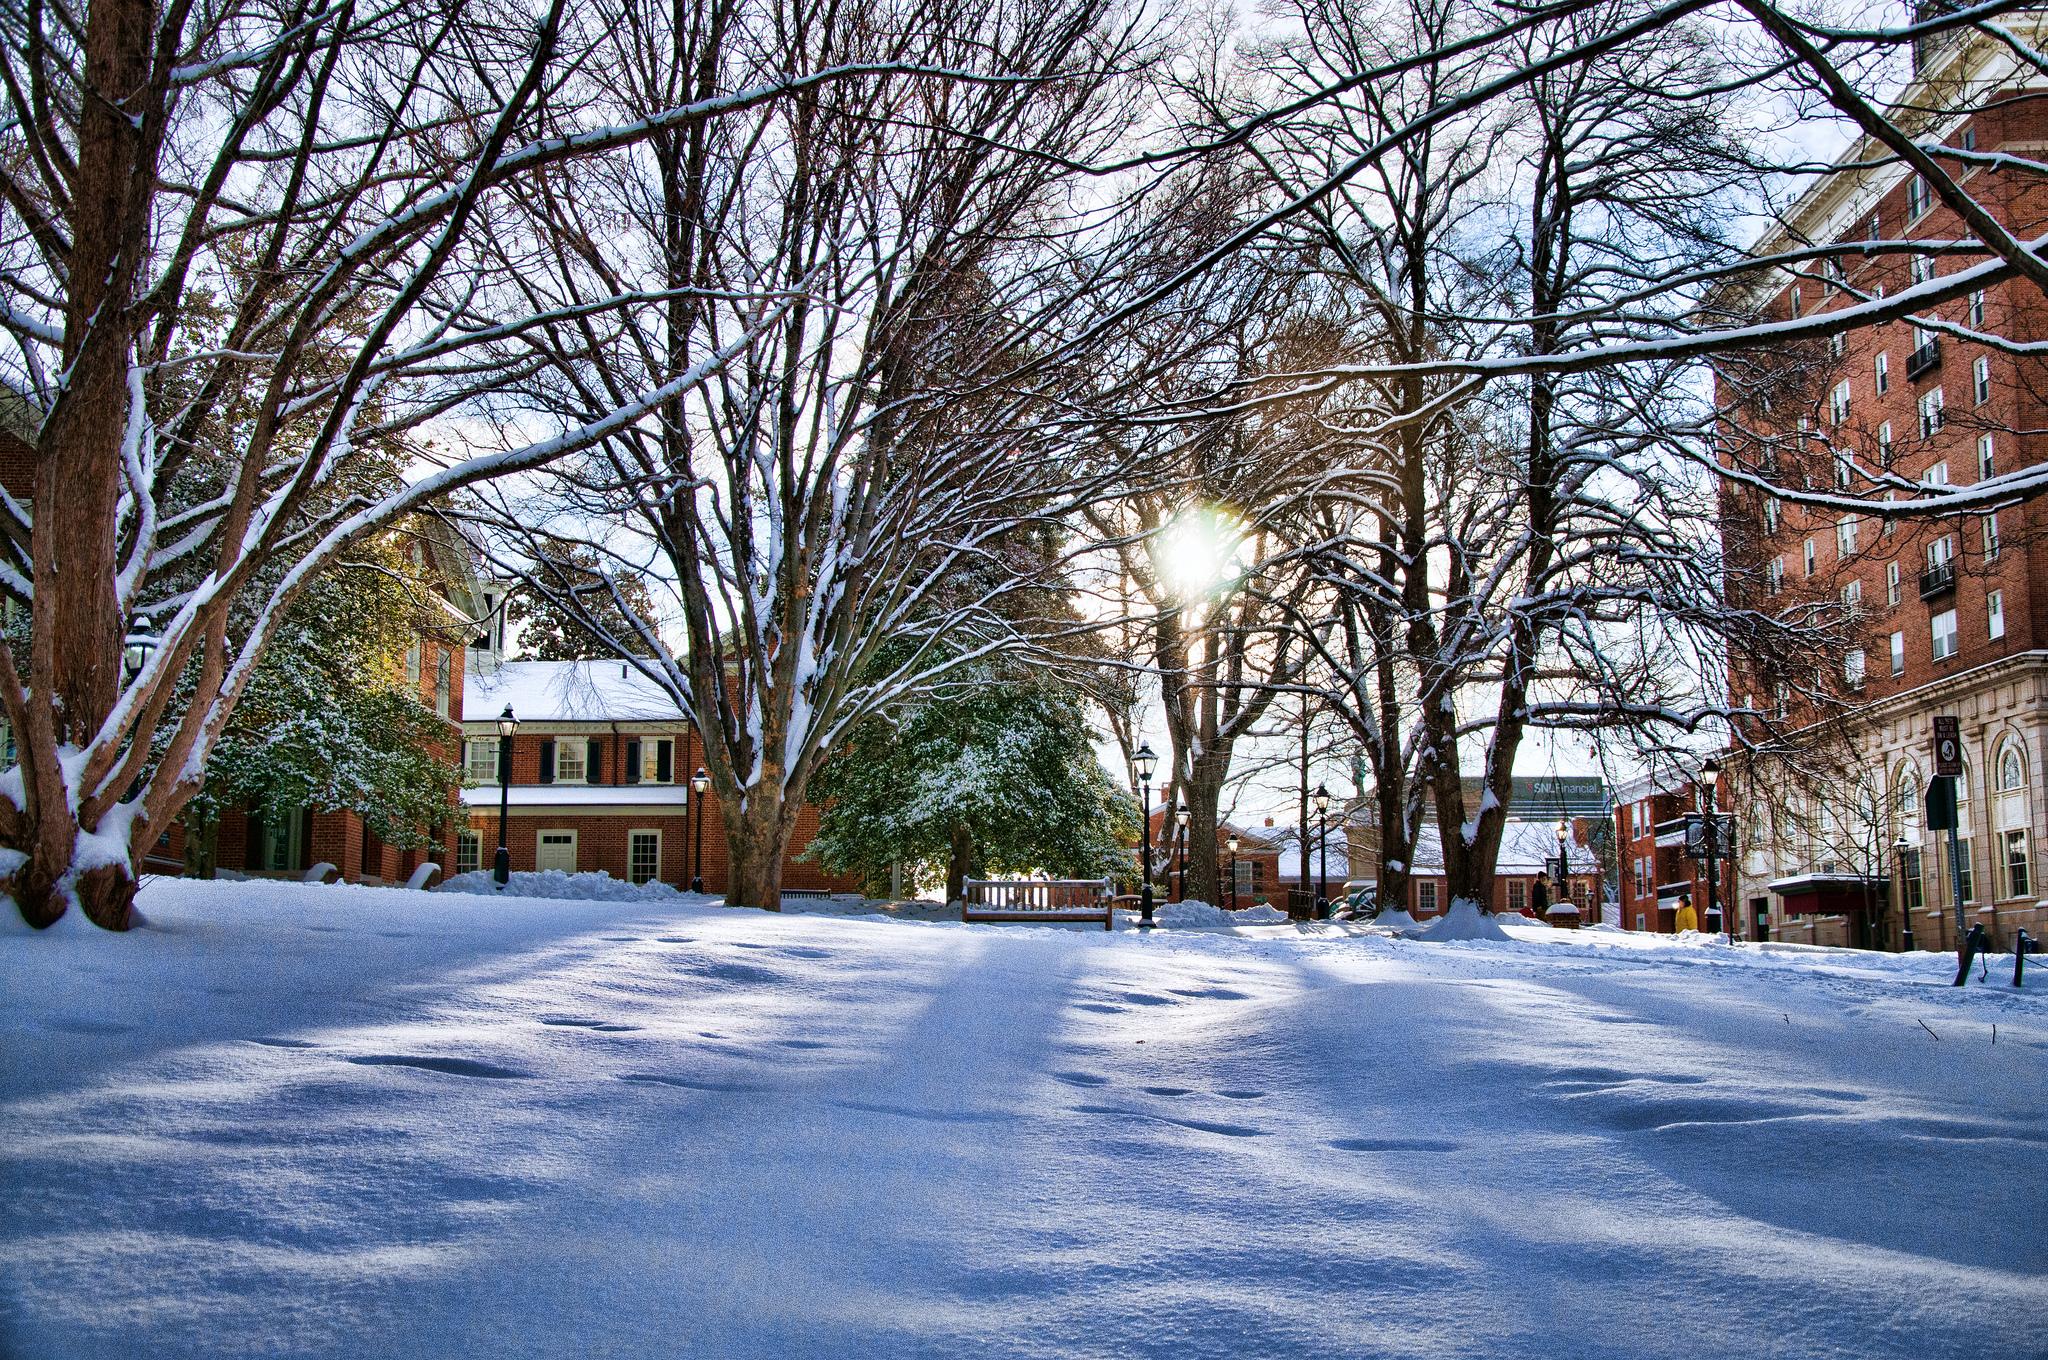 21. Charlottesville, Virginia